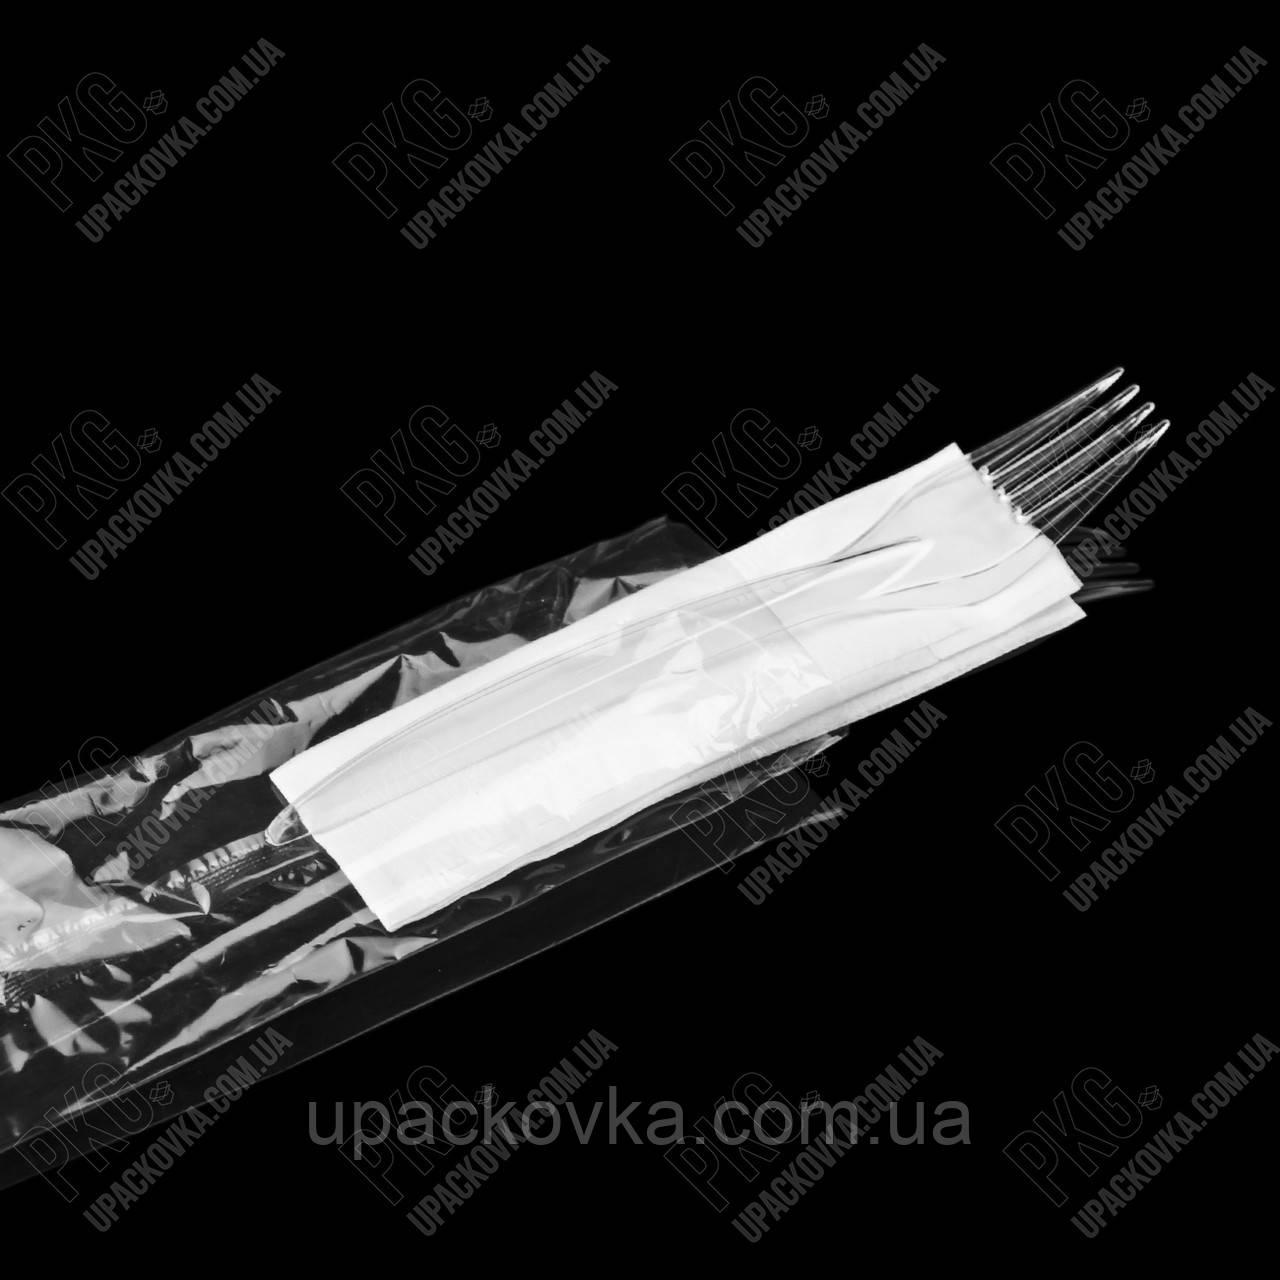 Набор одноразовой посуды (Вилка, салфетка) ПРОЗРАЧНЫЙ 250 шт/ящ. PL